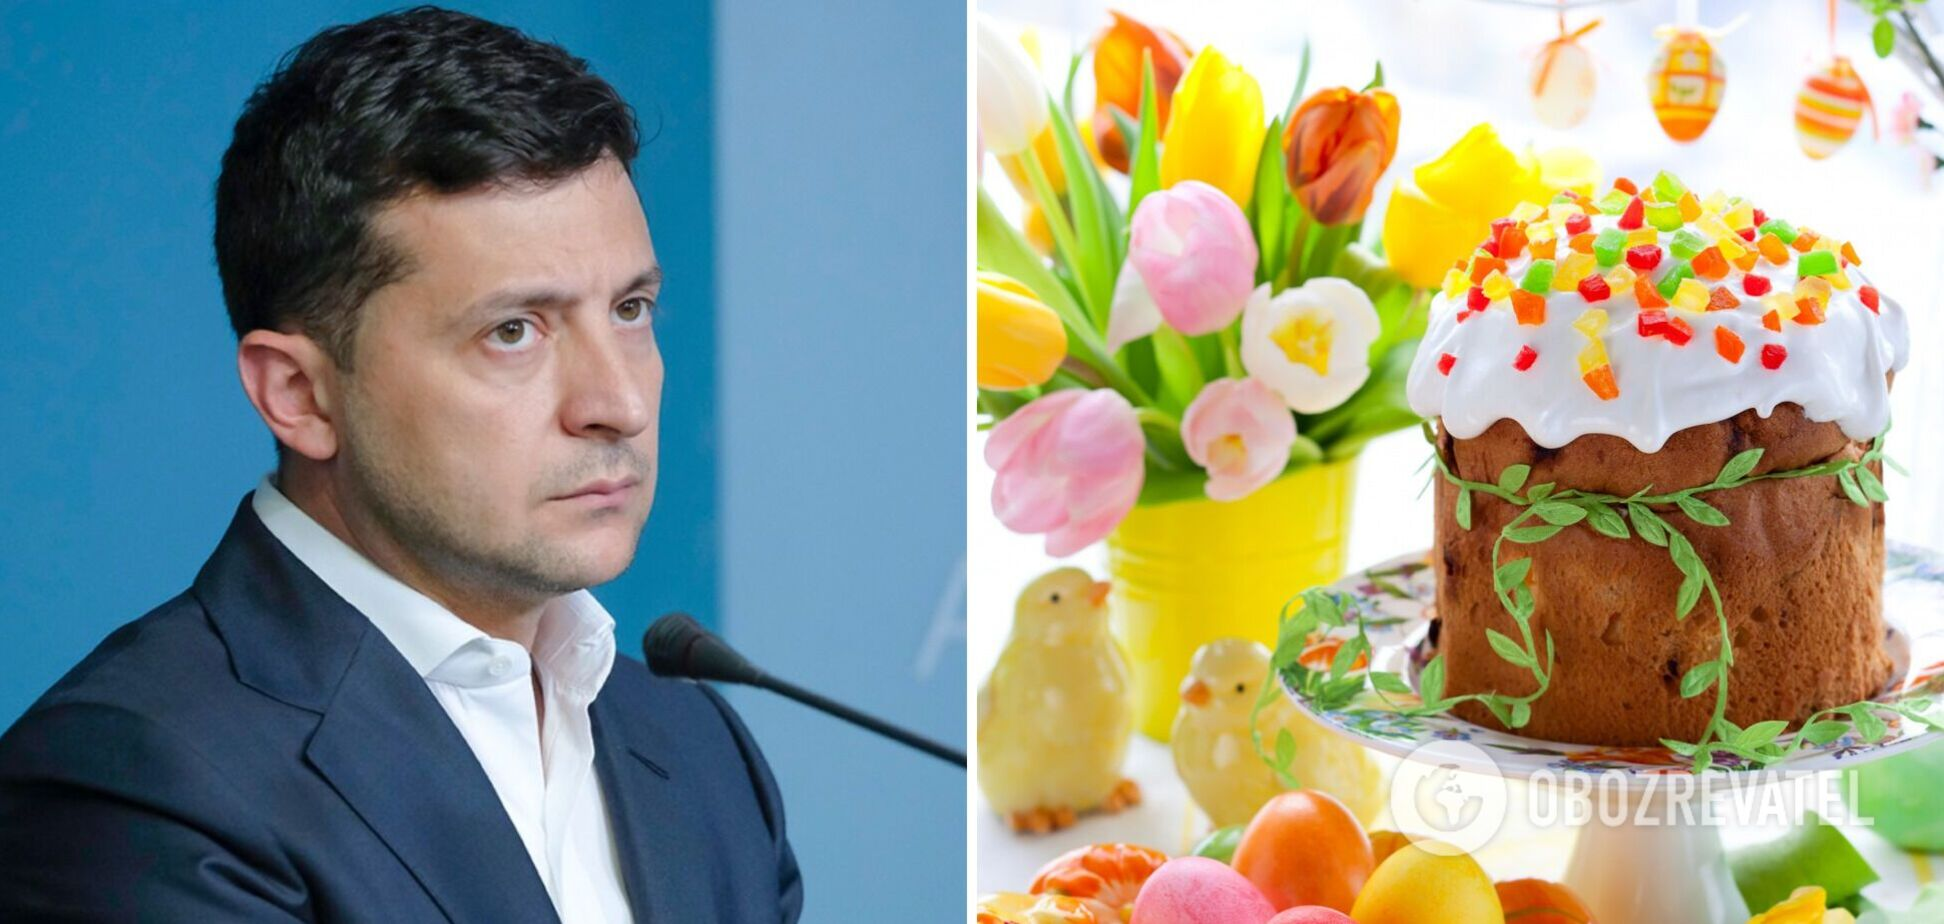 Зеленський привітав українців із Великоднем і попросив відзначати вдома. Відео